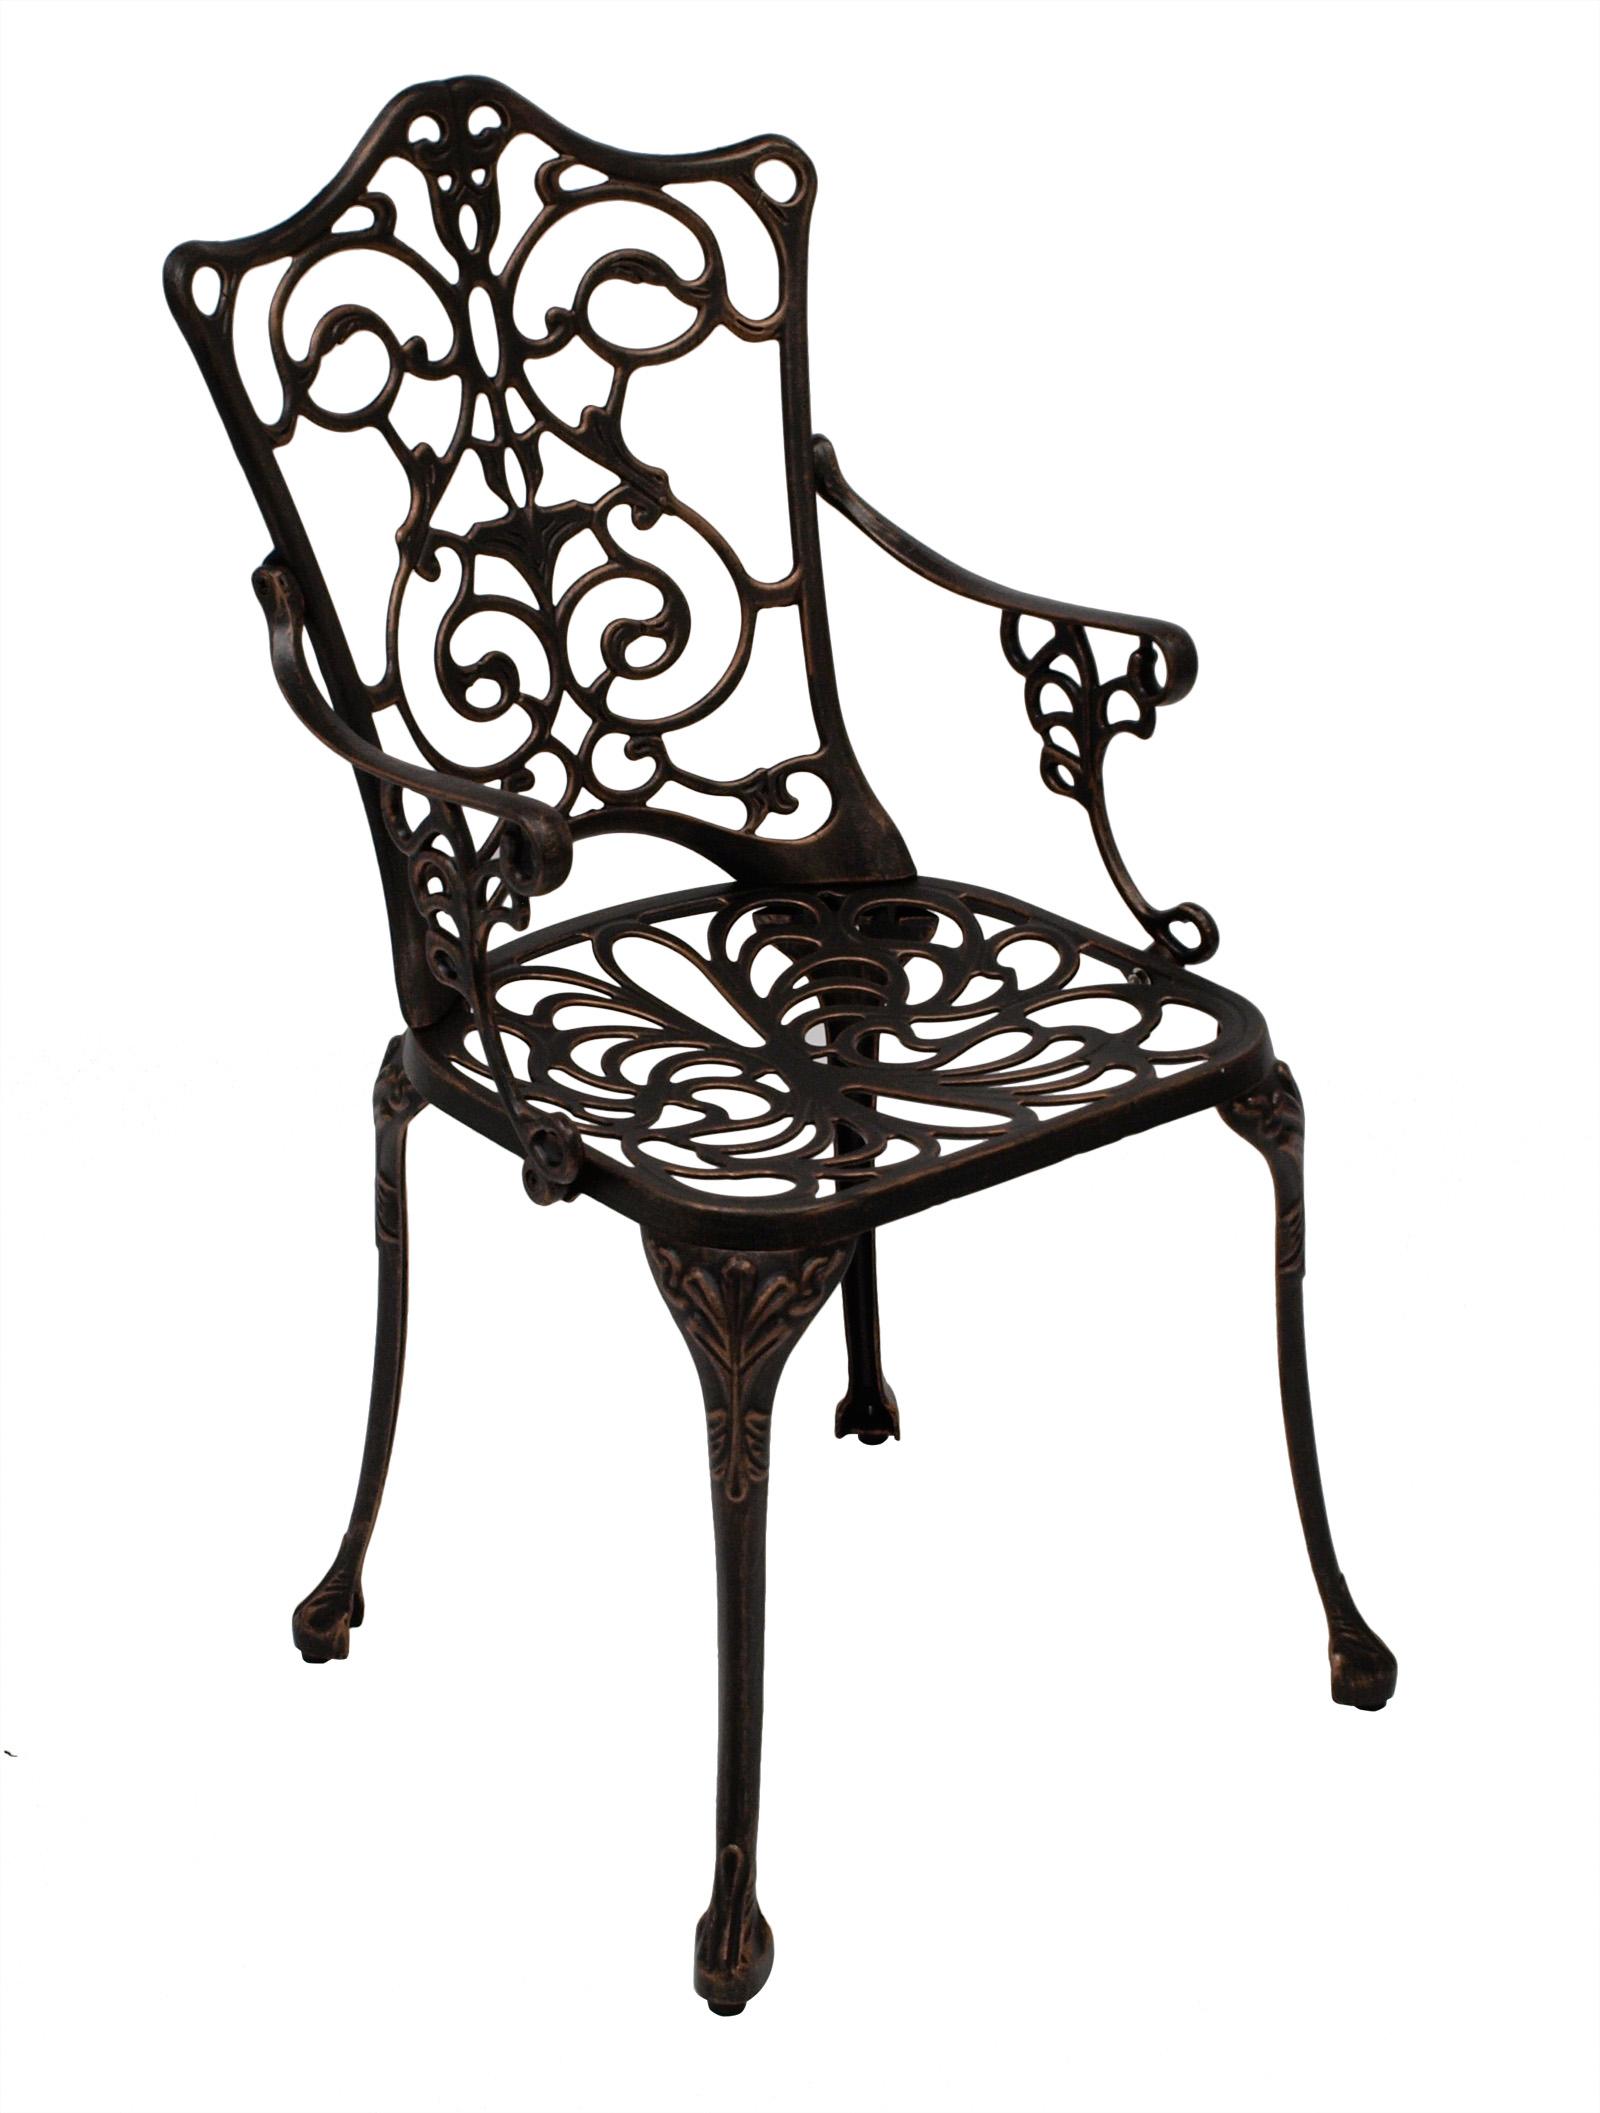 Sessel Jugendstil, Aluguss bronze antik